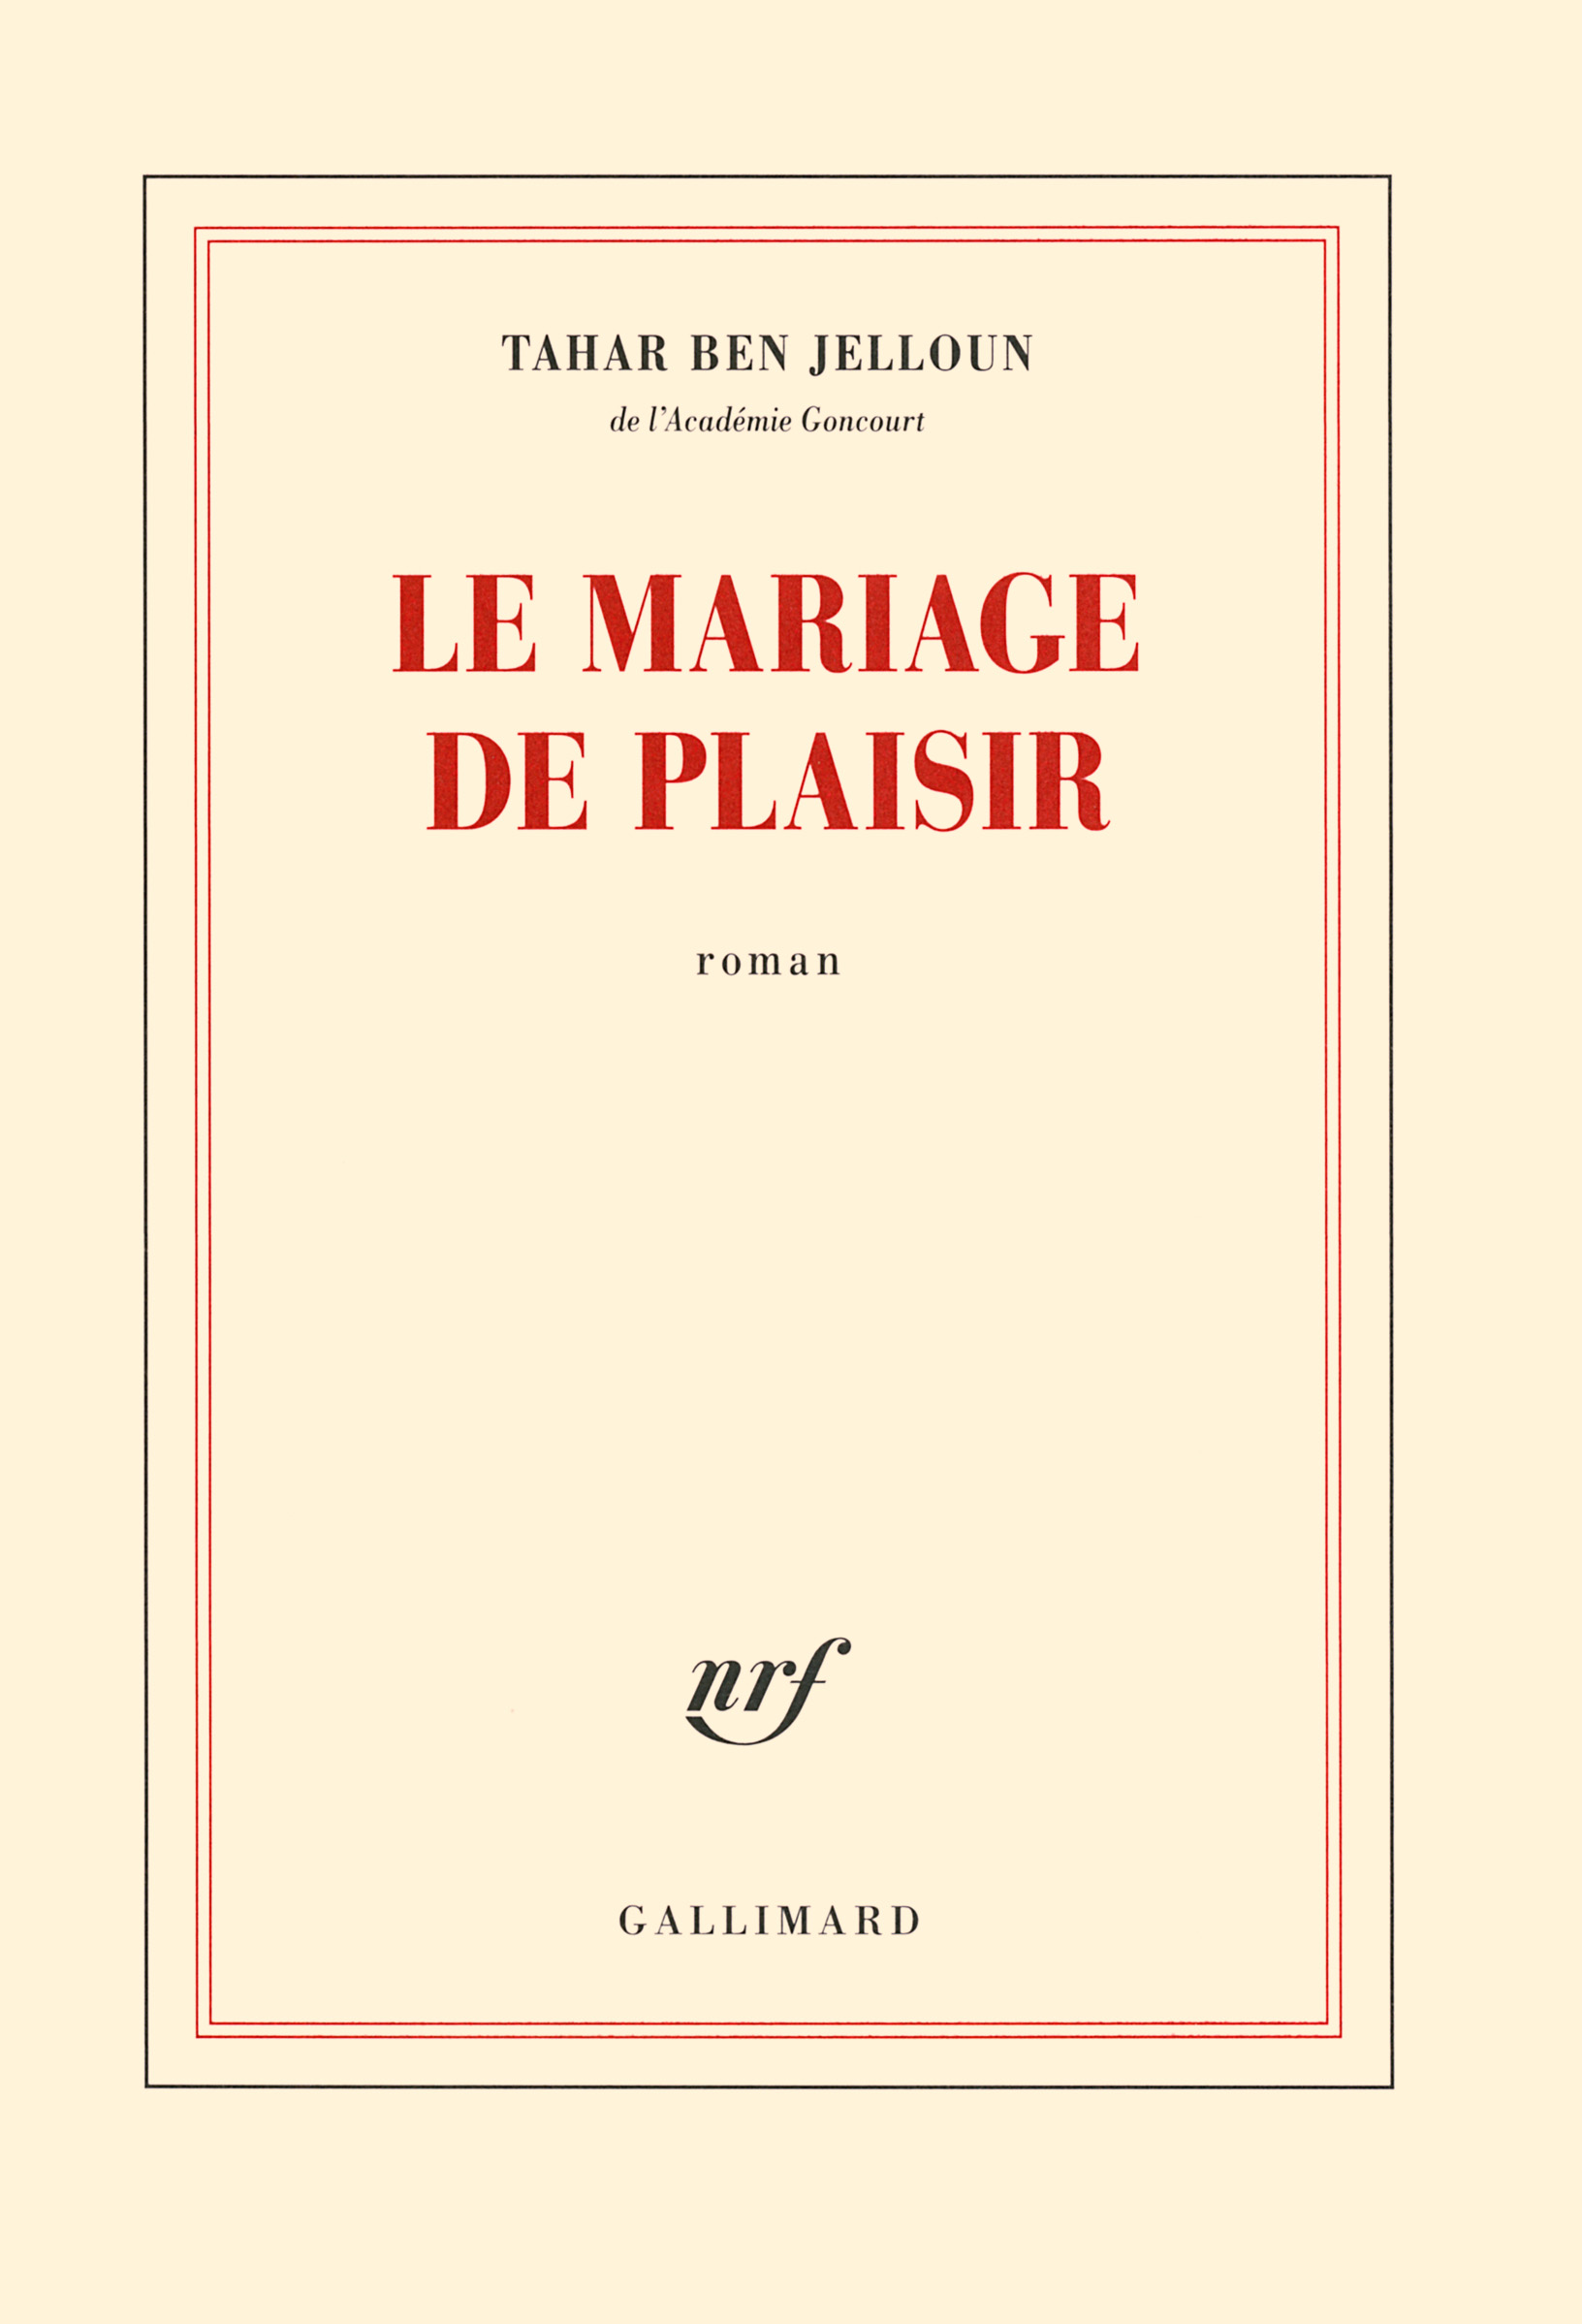 Le mariage de plaisi...